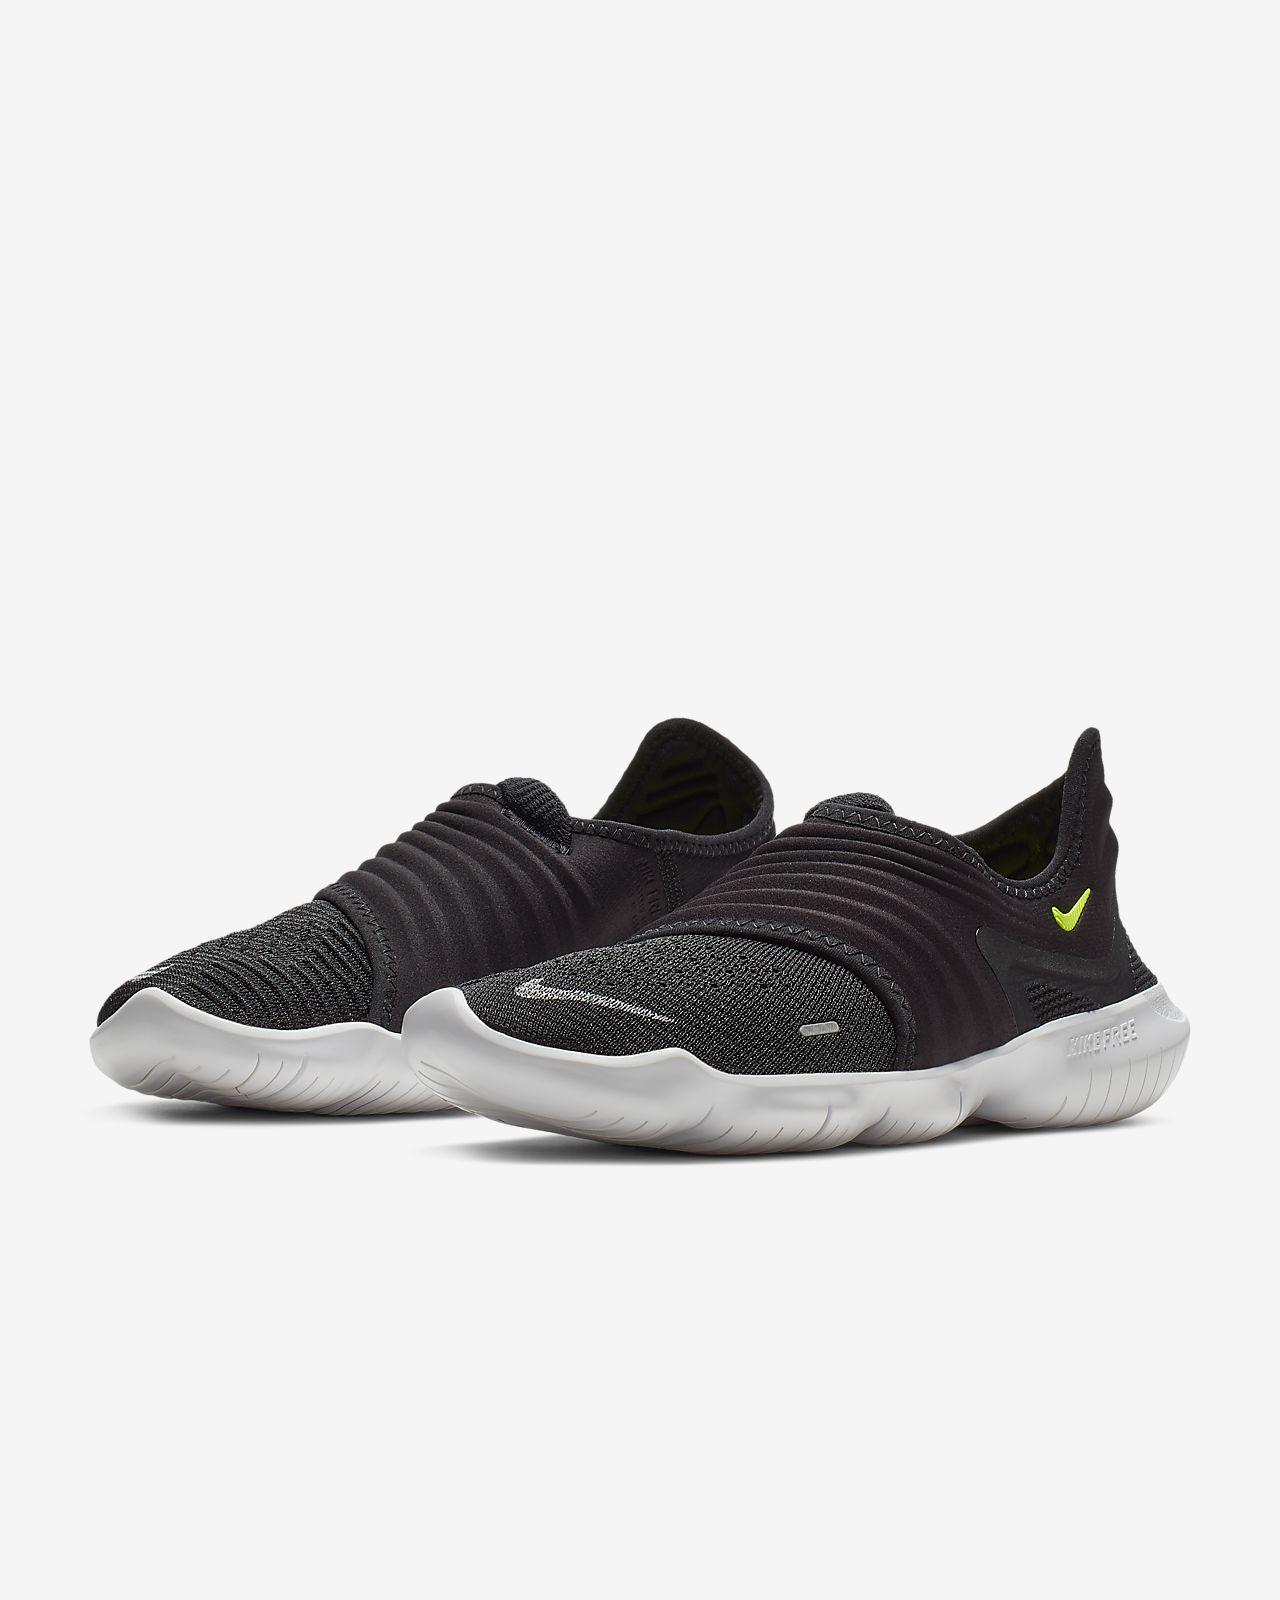 huge selection of c080f b49ba Nike Free RN Flyknit 3.0 Women's Running Shoe. Nike.com